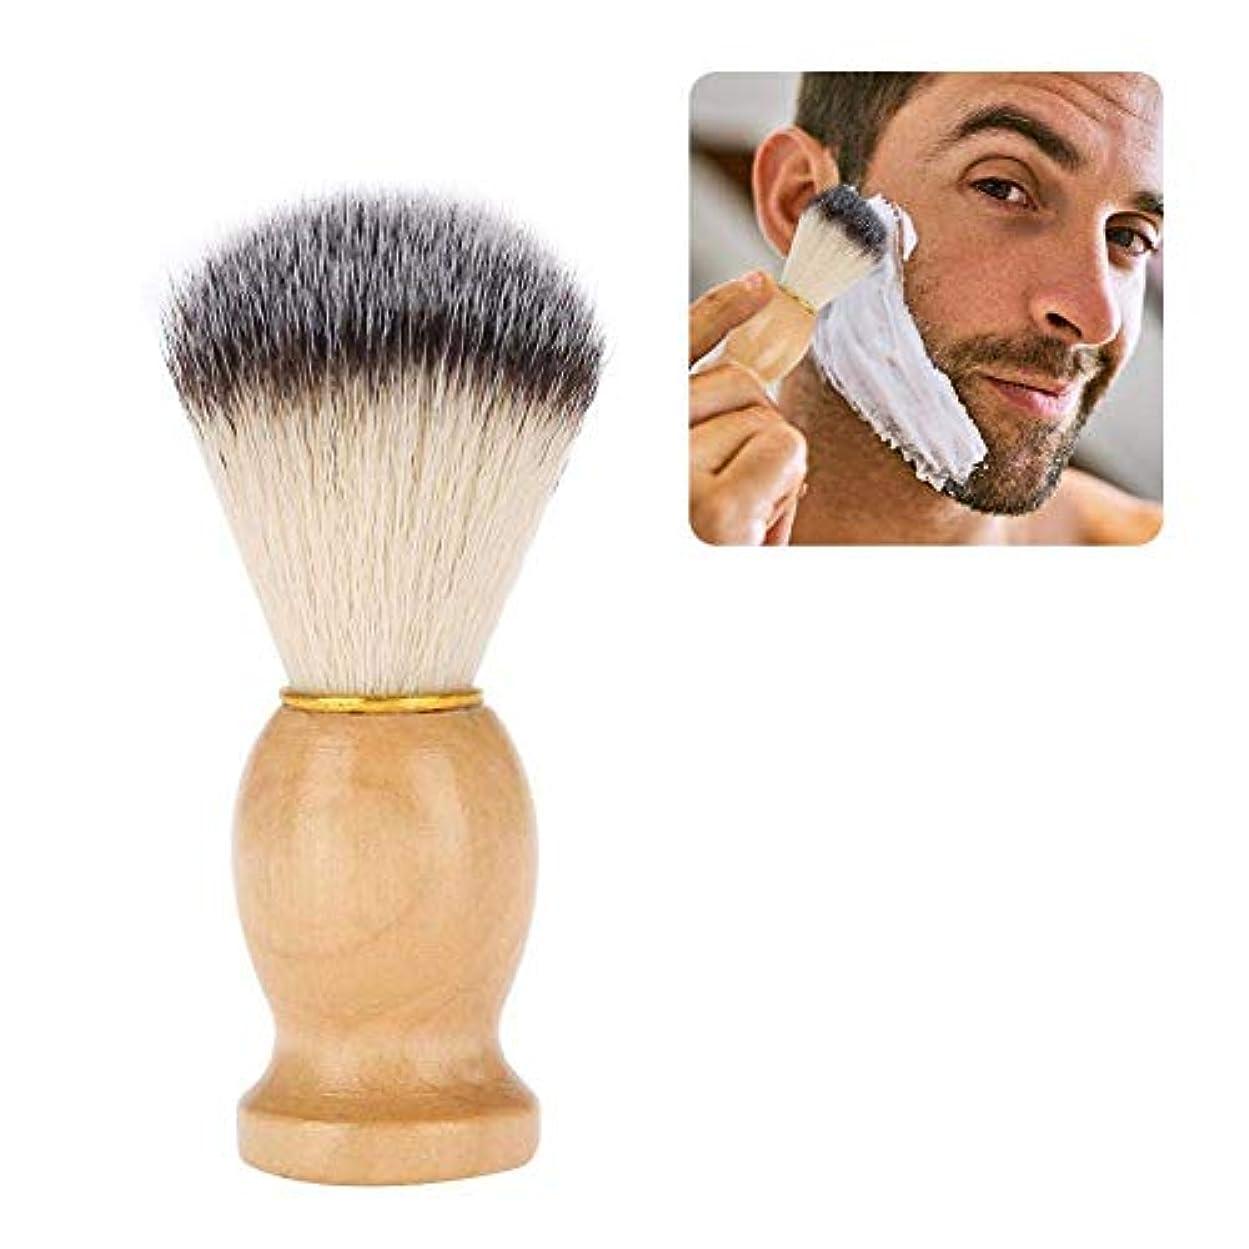 ナビゲーションレシピに向かって1個 シェービングブラシ 髭剃り メンズ ポータブルひげ剃り美容ツール